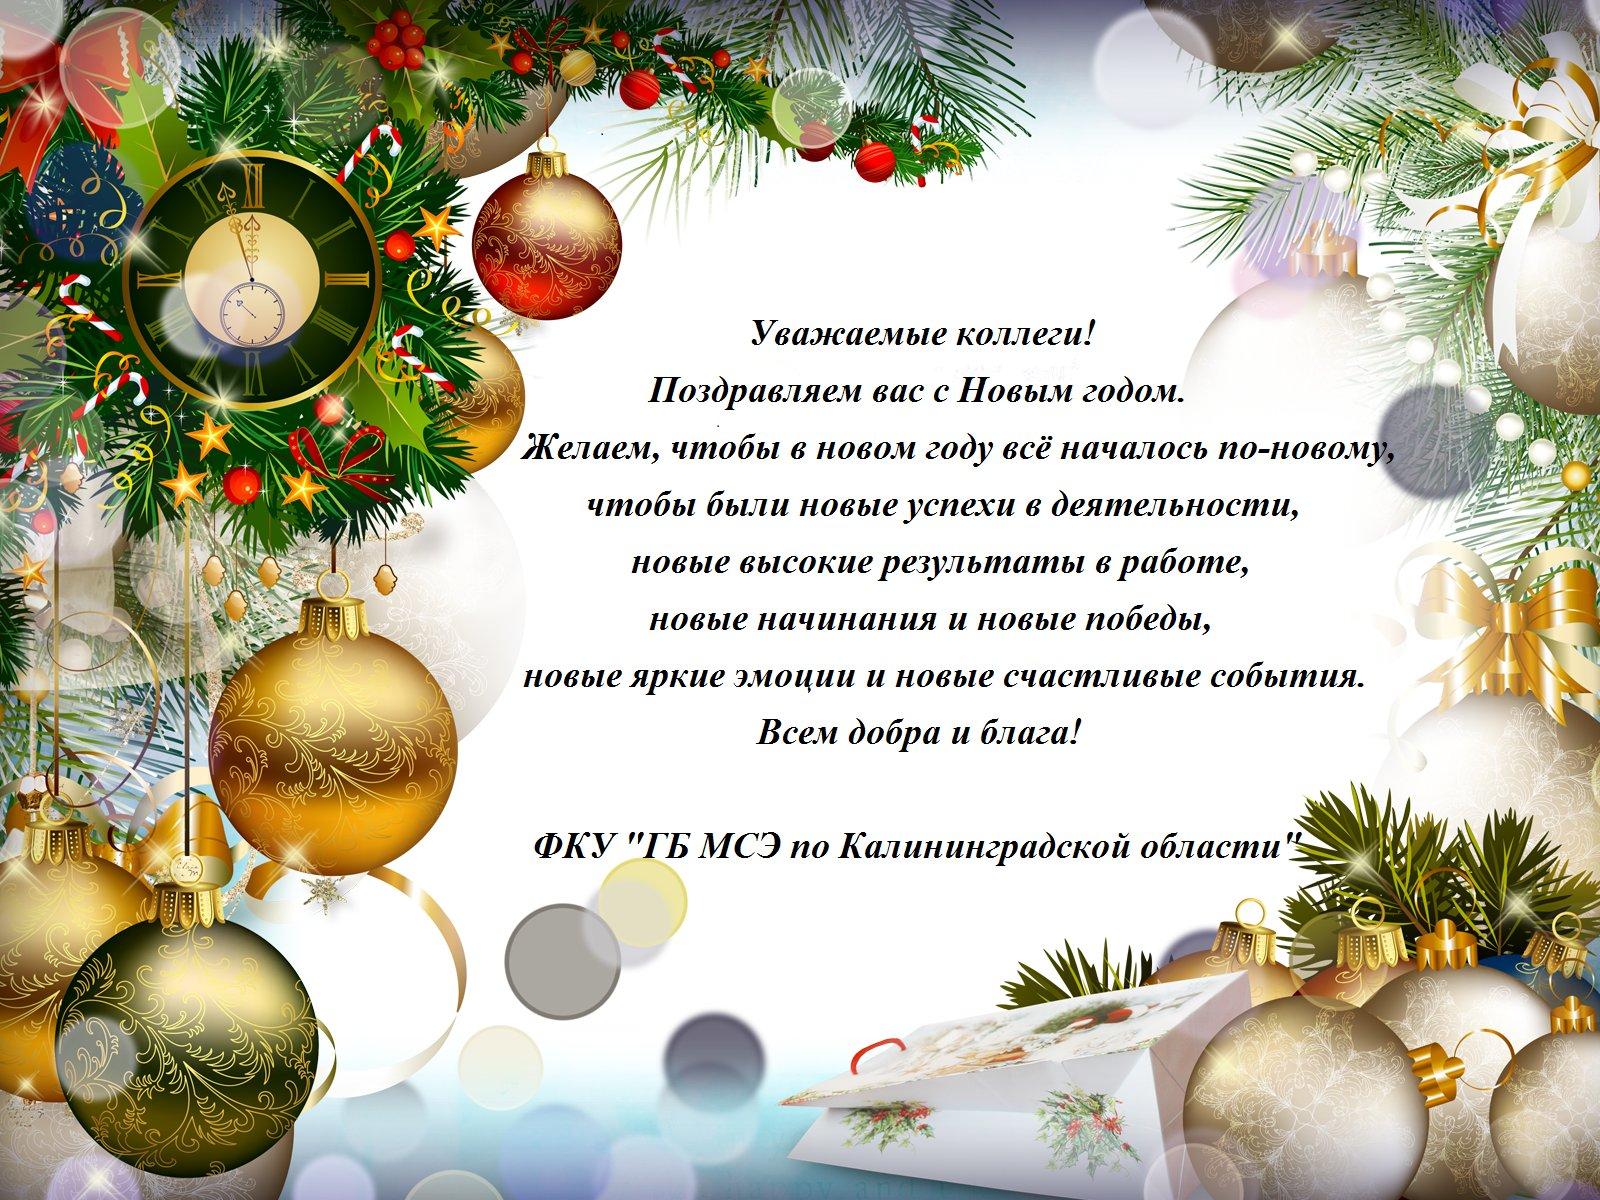 Общее поздравление коллегам с новым годом